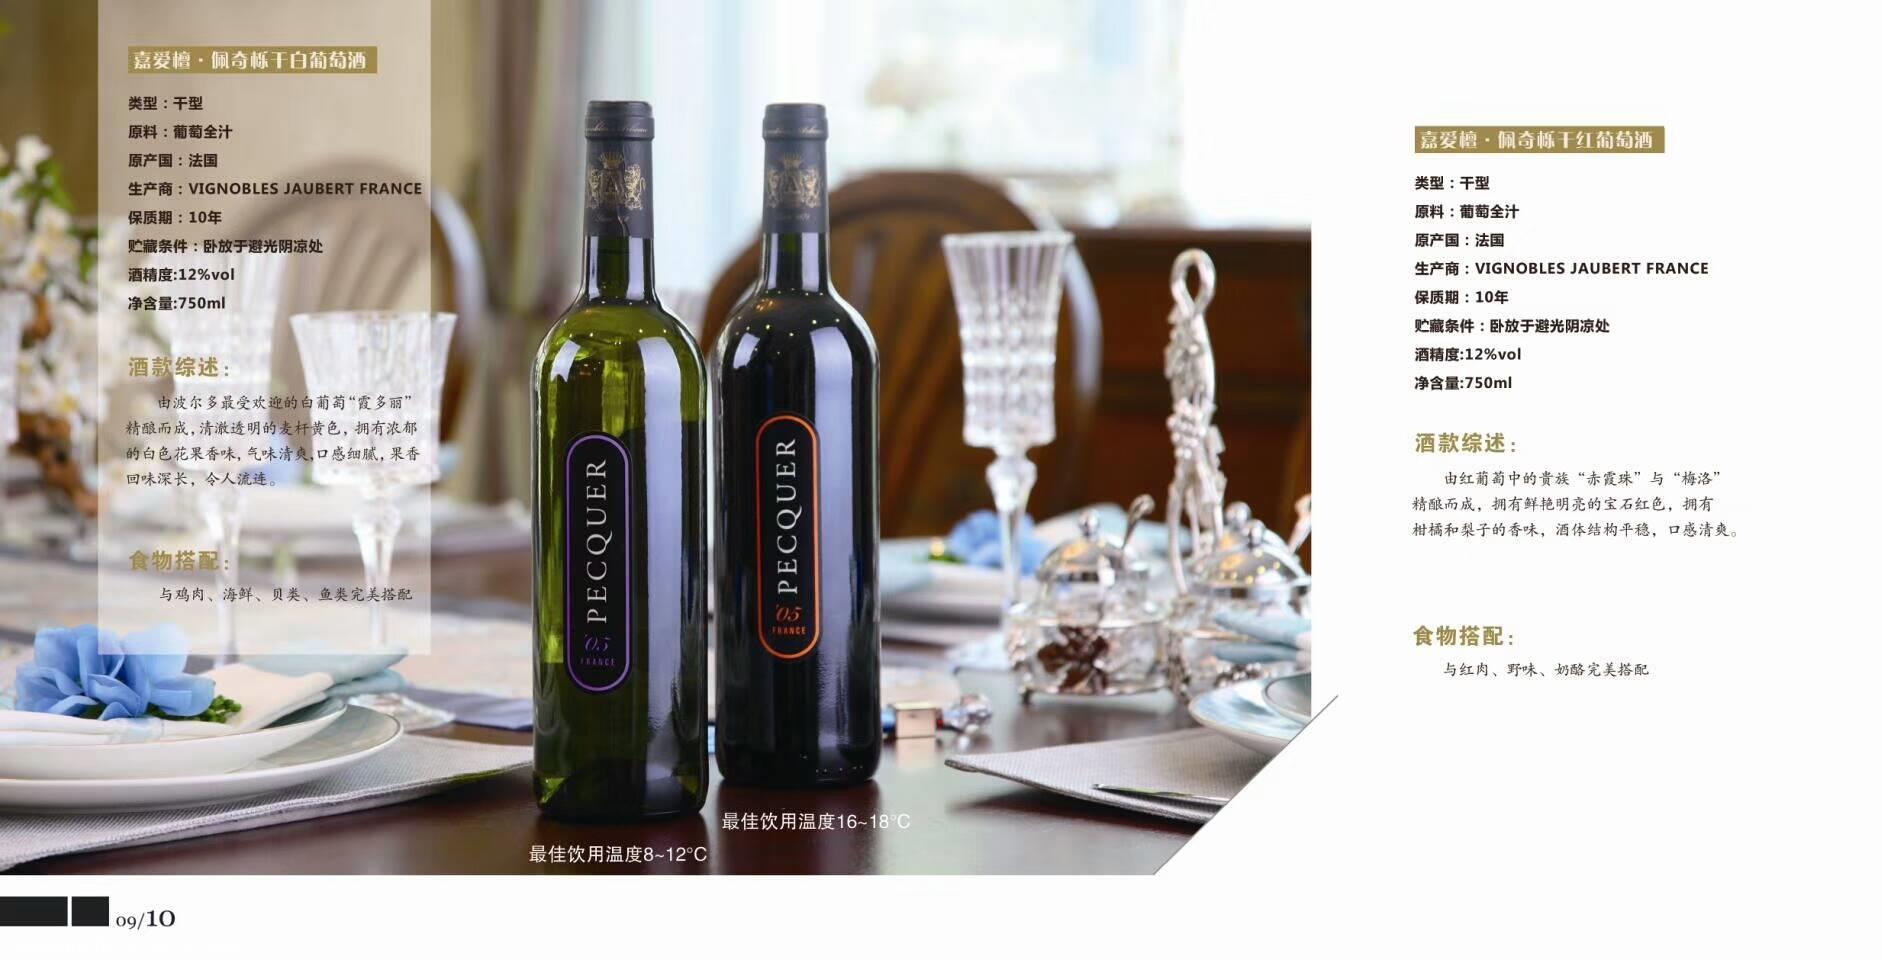 低价正品法国波尔多进口葡萄酒 批发招商